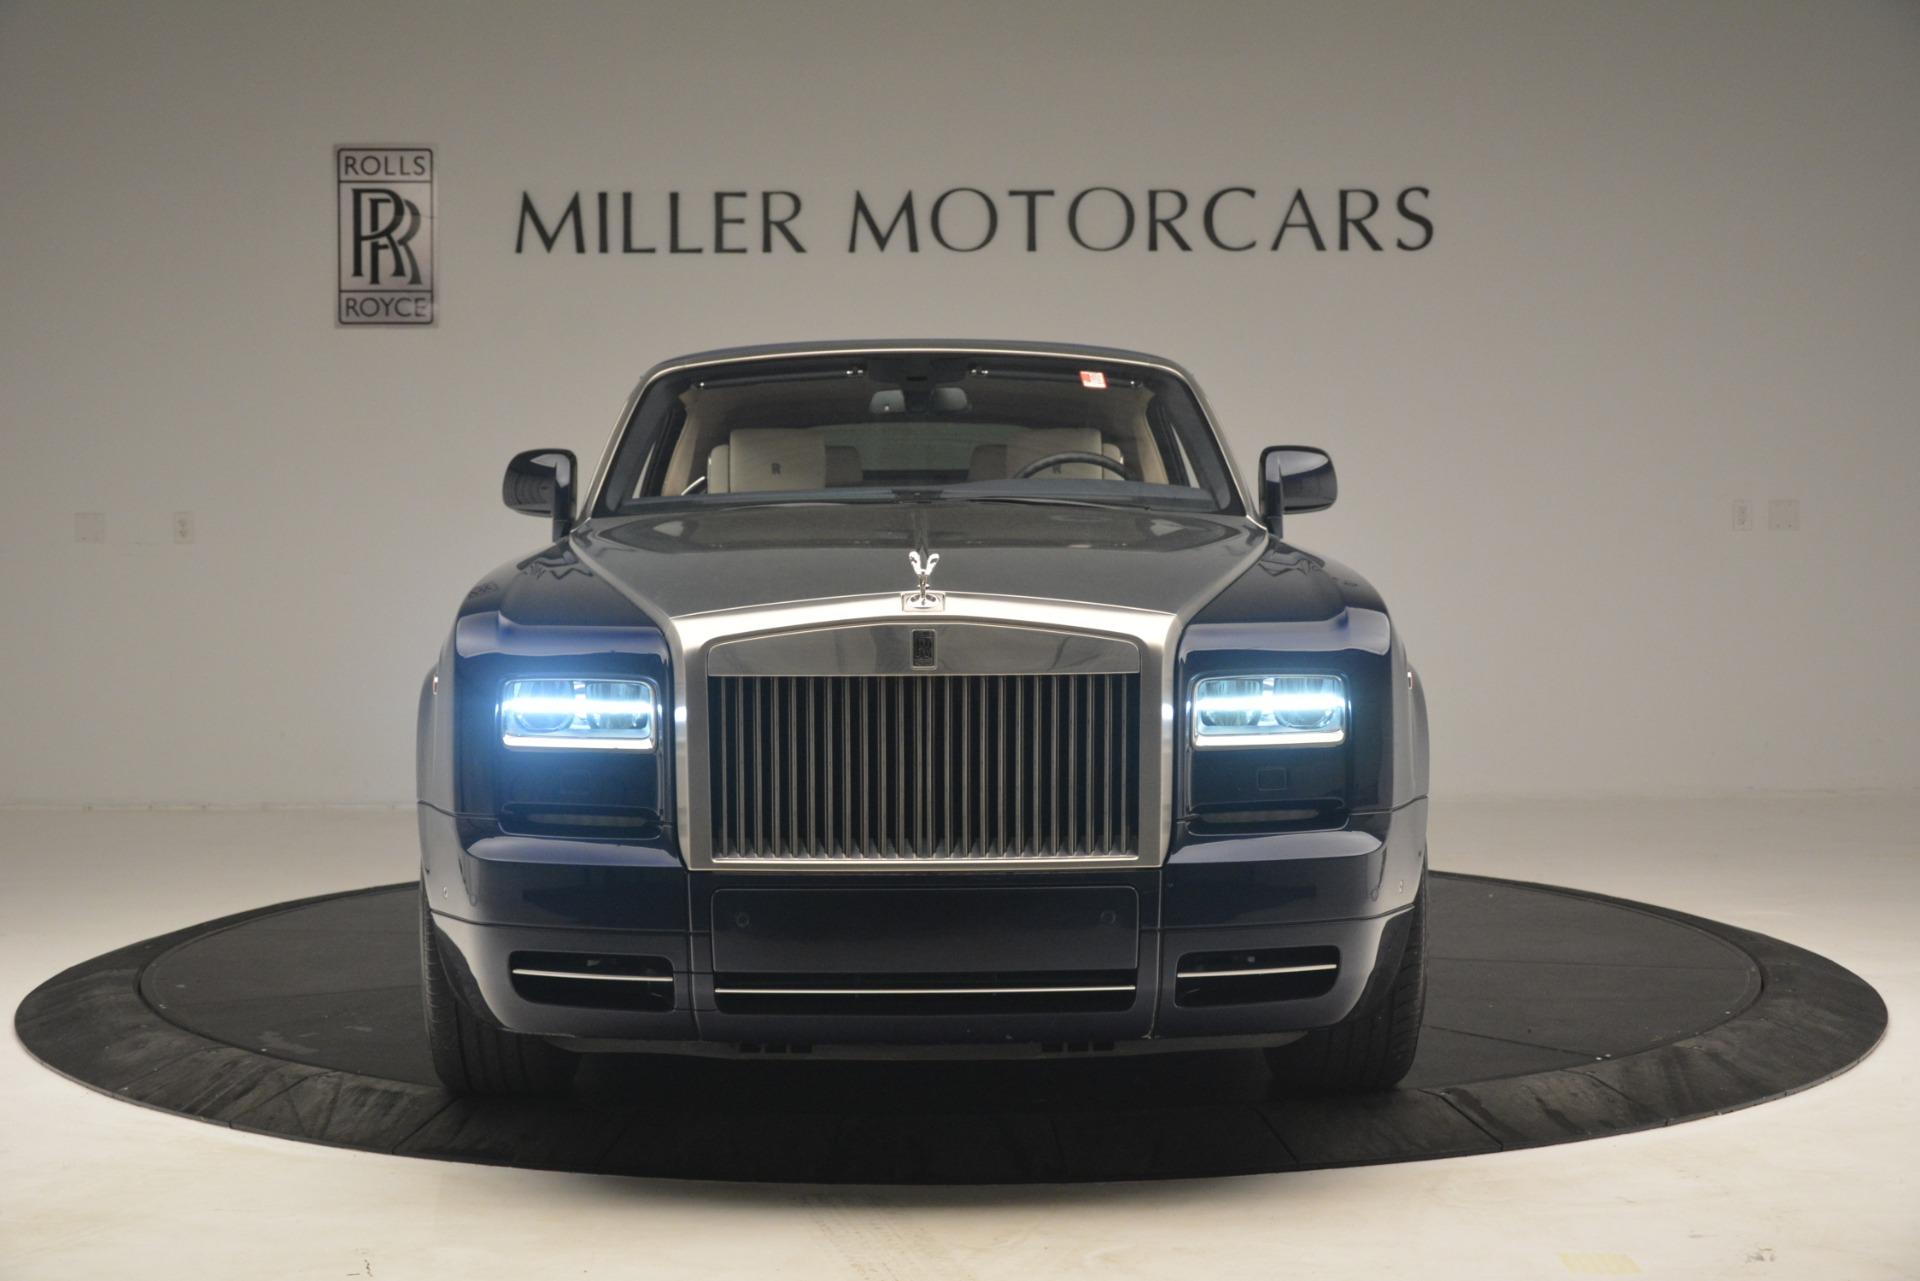 Used 2013 Rolls-Royce Phantom Drophead Coupe  For Sale In Westport, CT 2999_p15